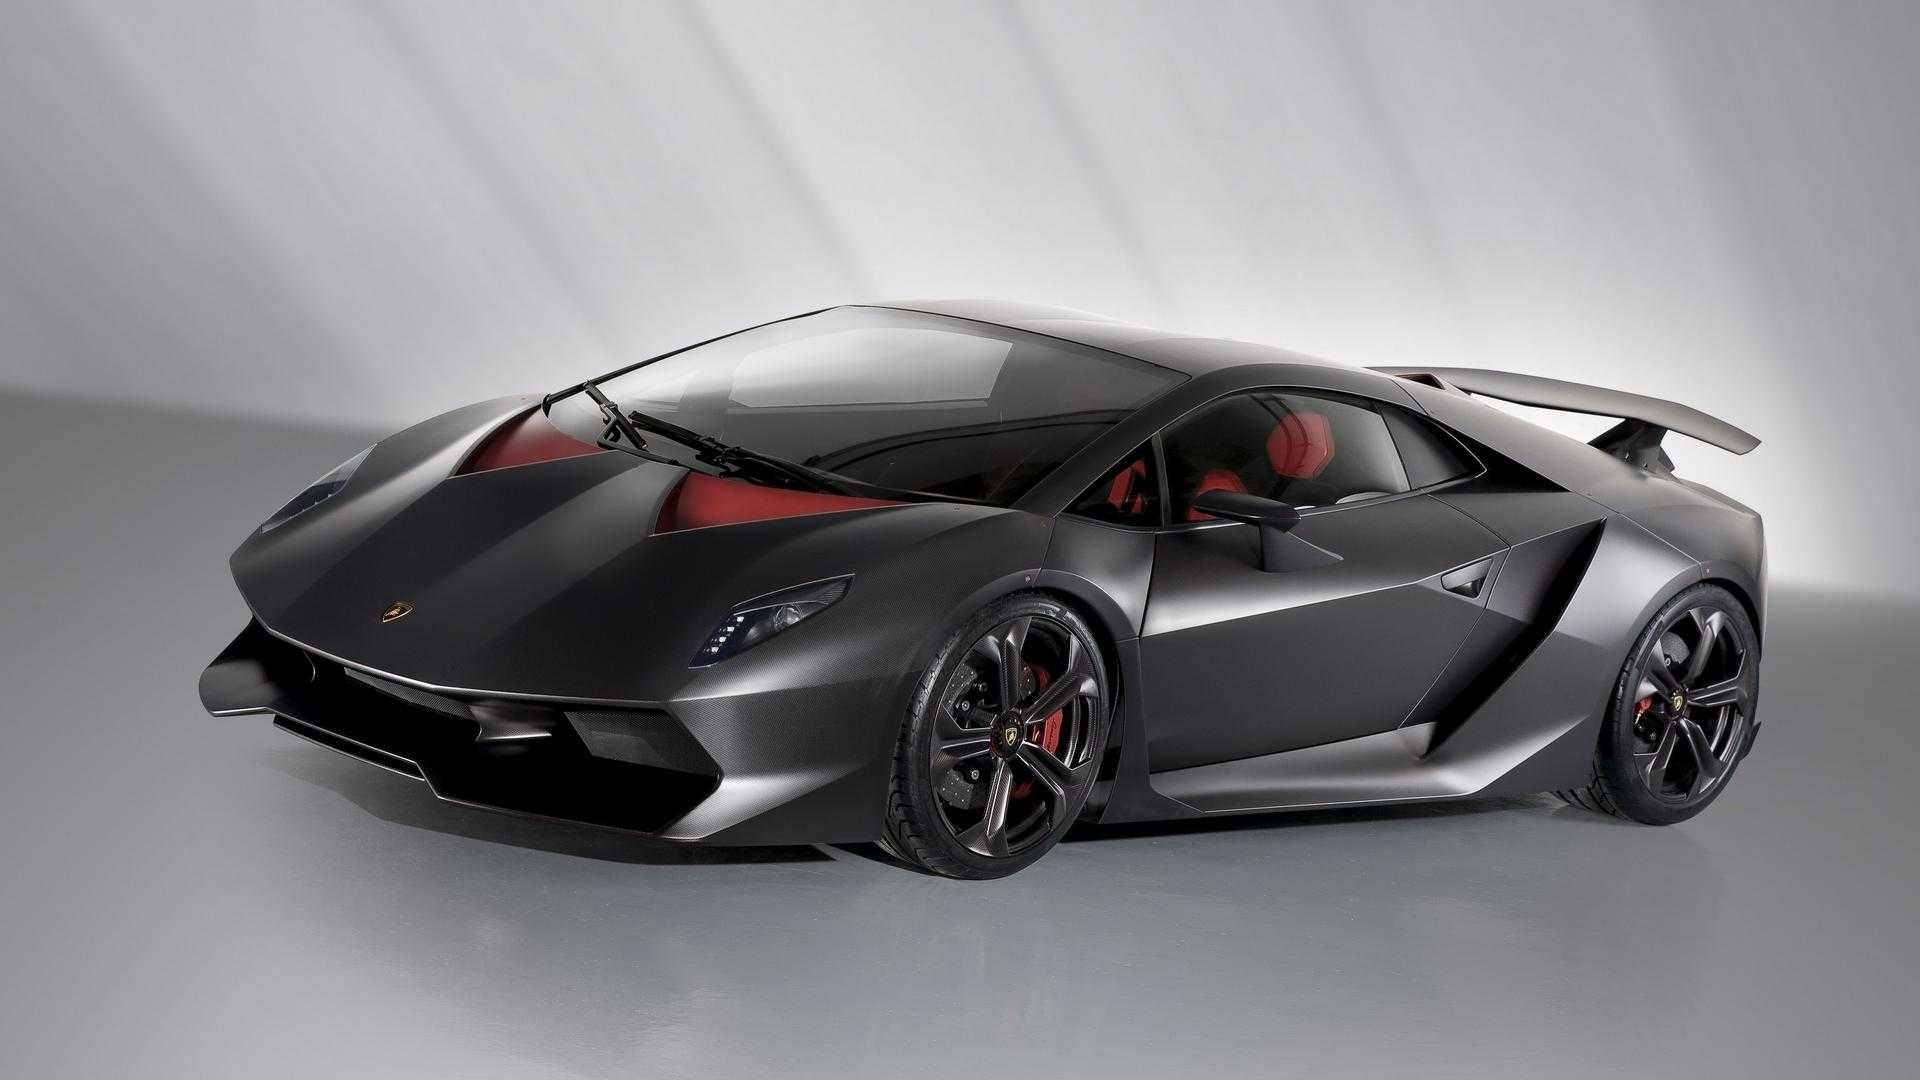 Lamborghini Sesto Elemento: Supercar Revisited